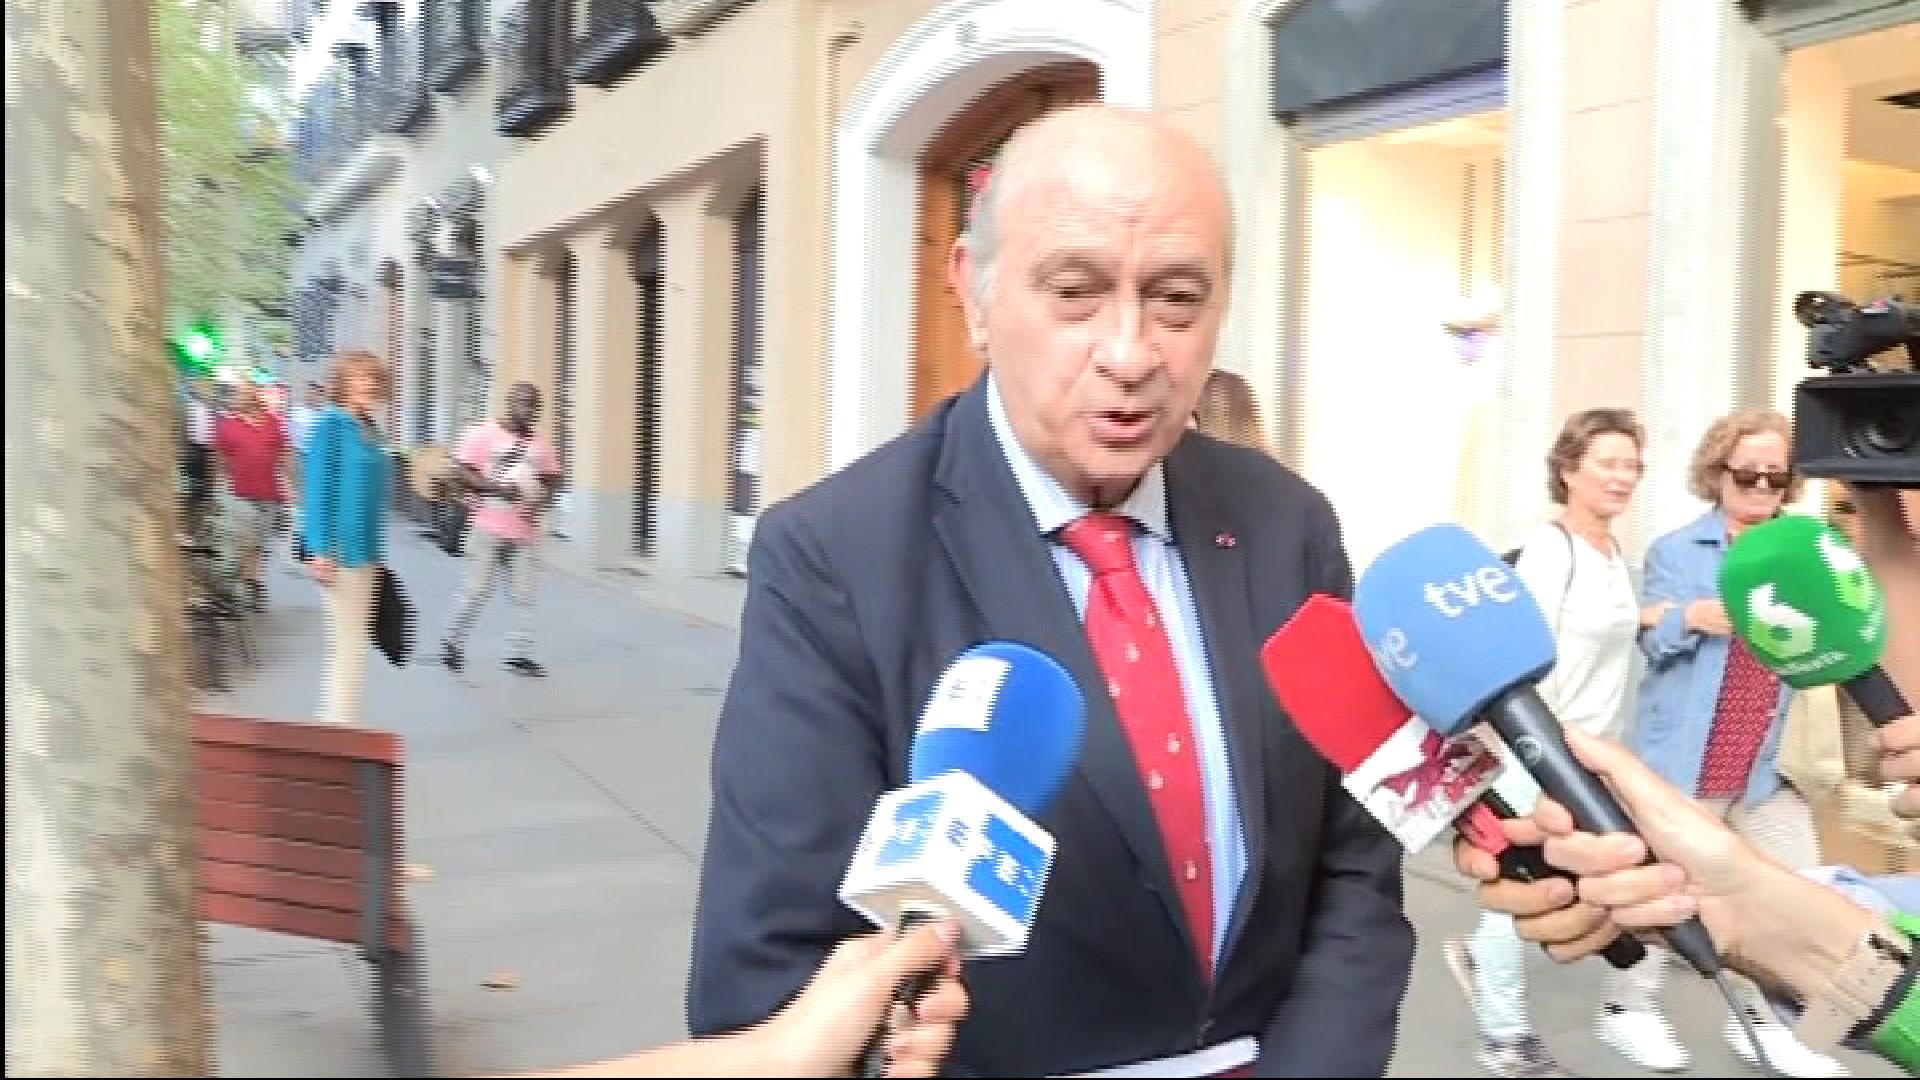 Citen+com+a+investigat+l%27ex+ministre+Jorge+Fern%C3%A1ndez-D%C3%ADaz